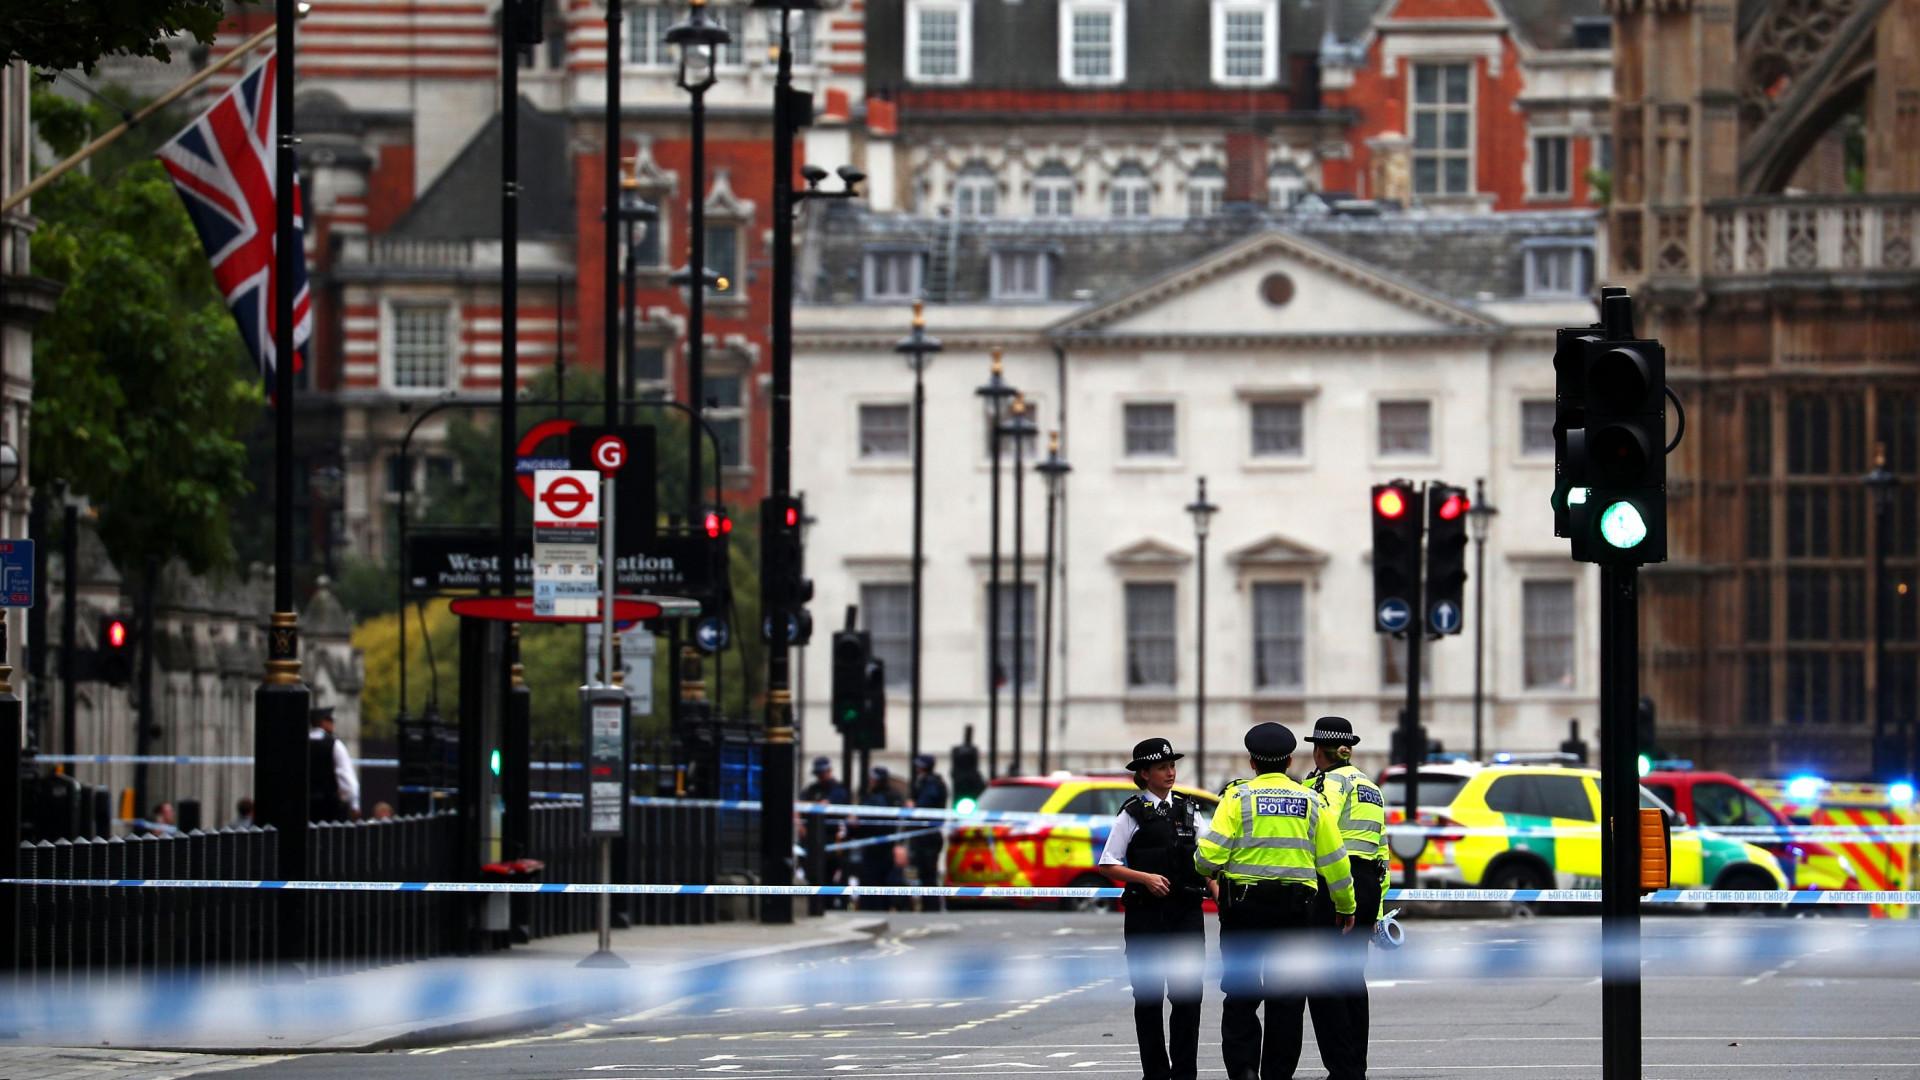 Theresa May elogia resposta de autoridades a incidente em Westminster